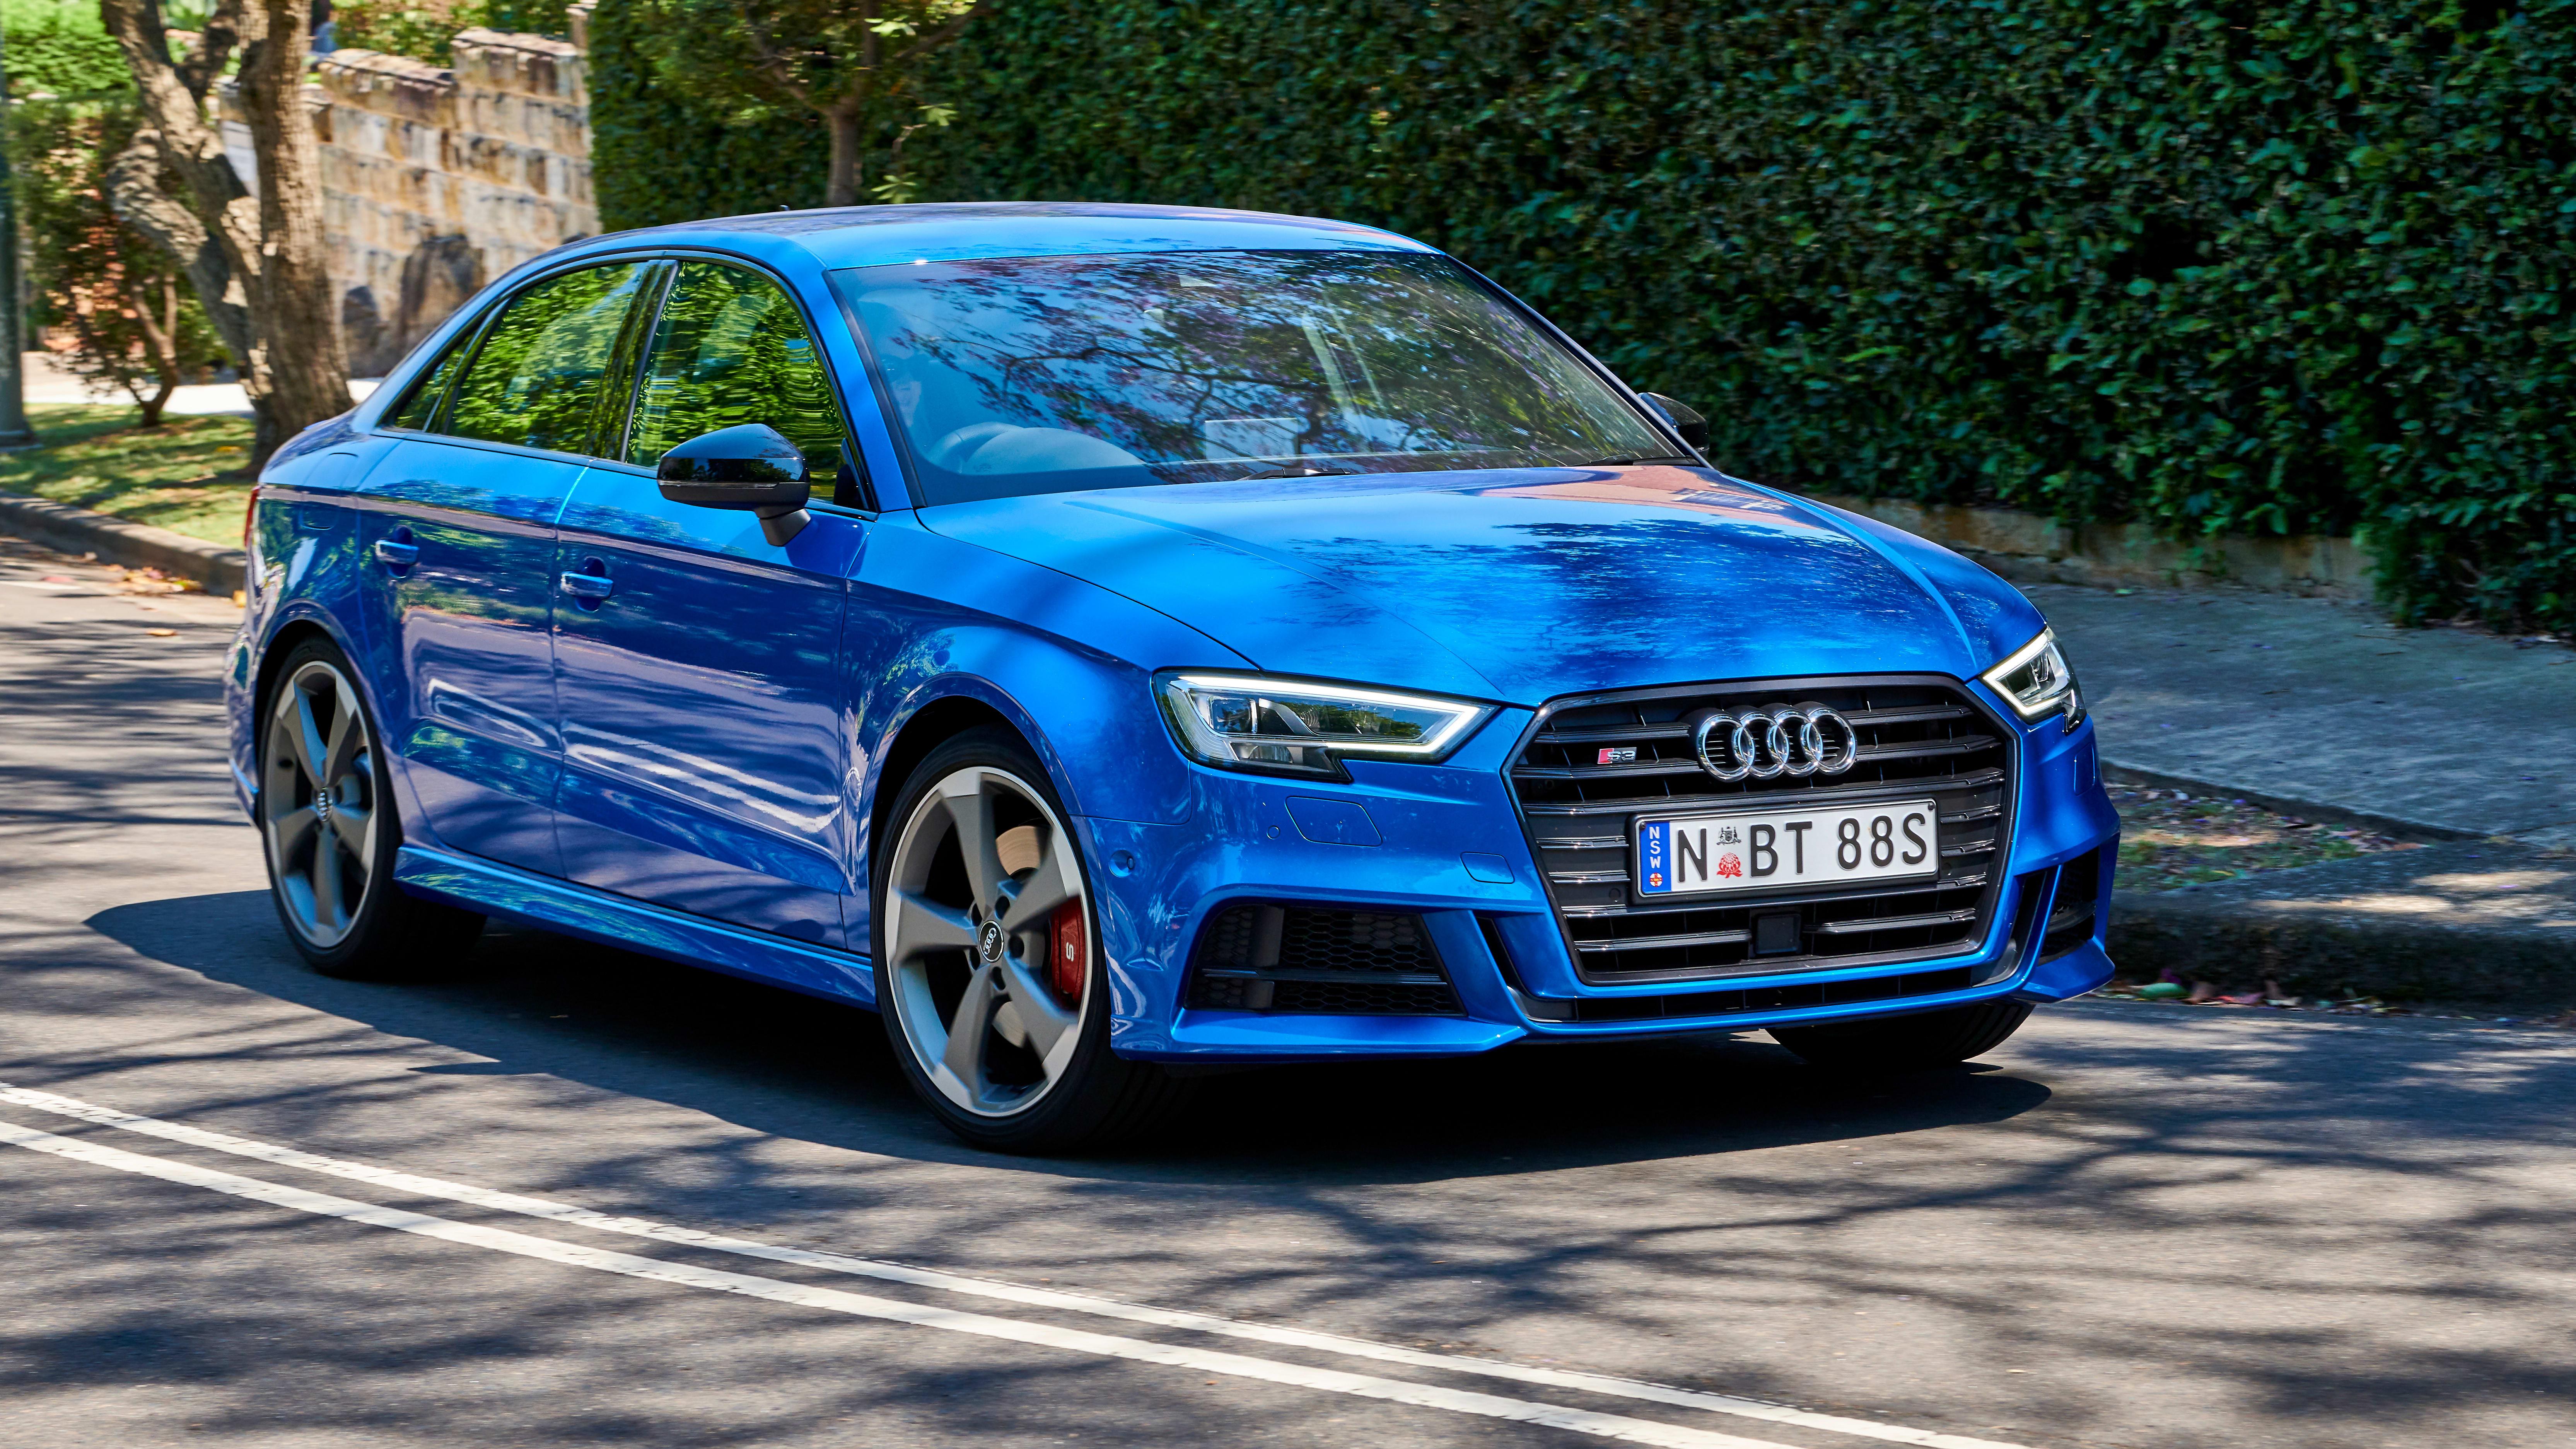 Kelebihan Audi S3 Sedan Spesifikasi